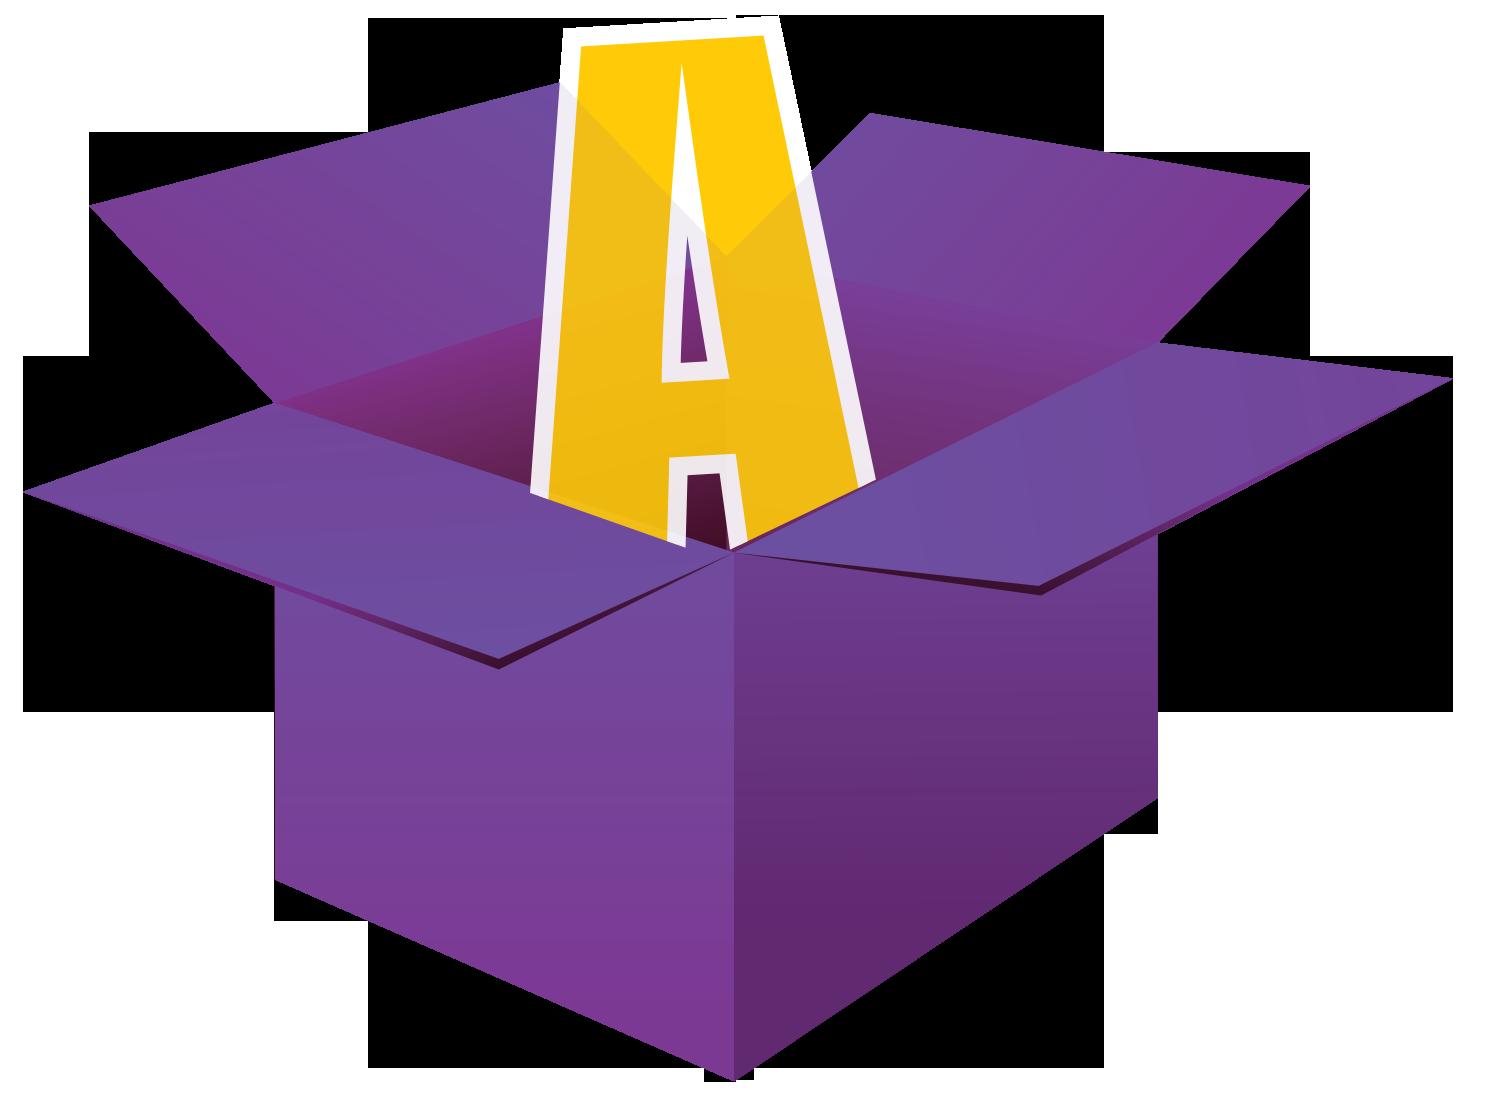 קישור לדף - ACCESS BOX – פתרון כולל להנגשת מידע ושירות